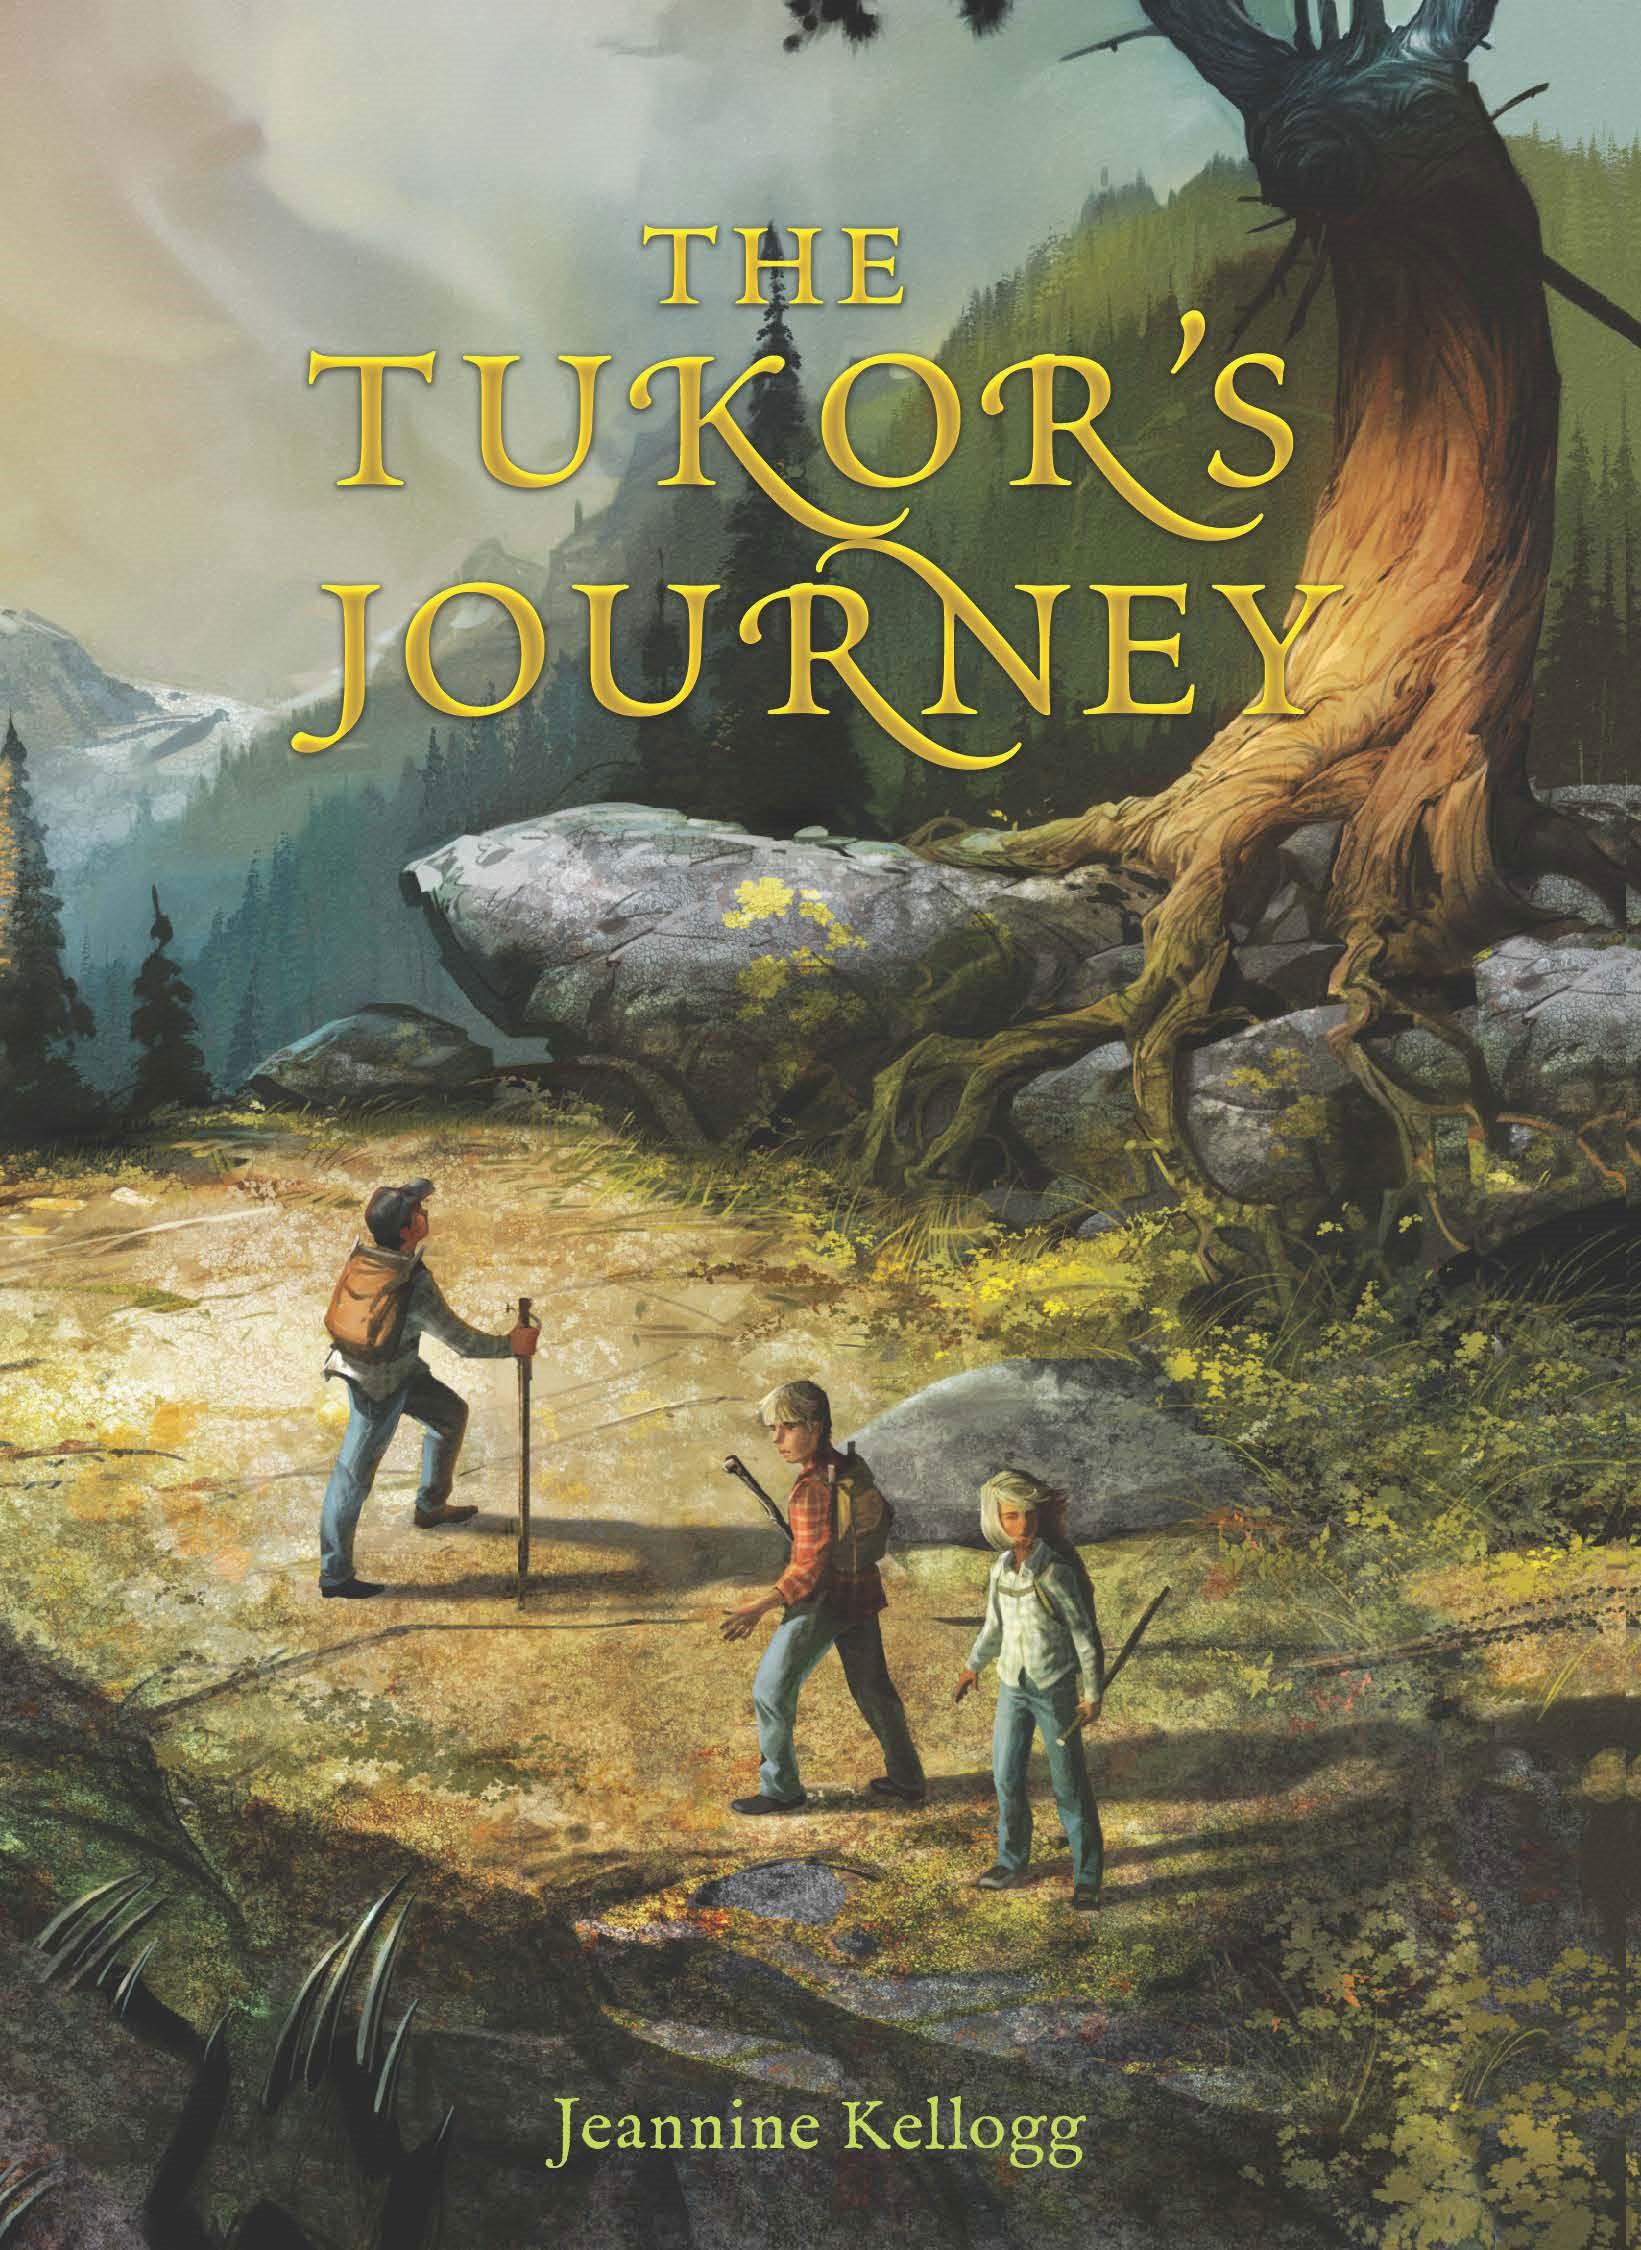 The Tukor's Journey